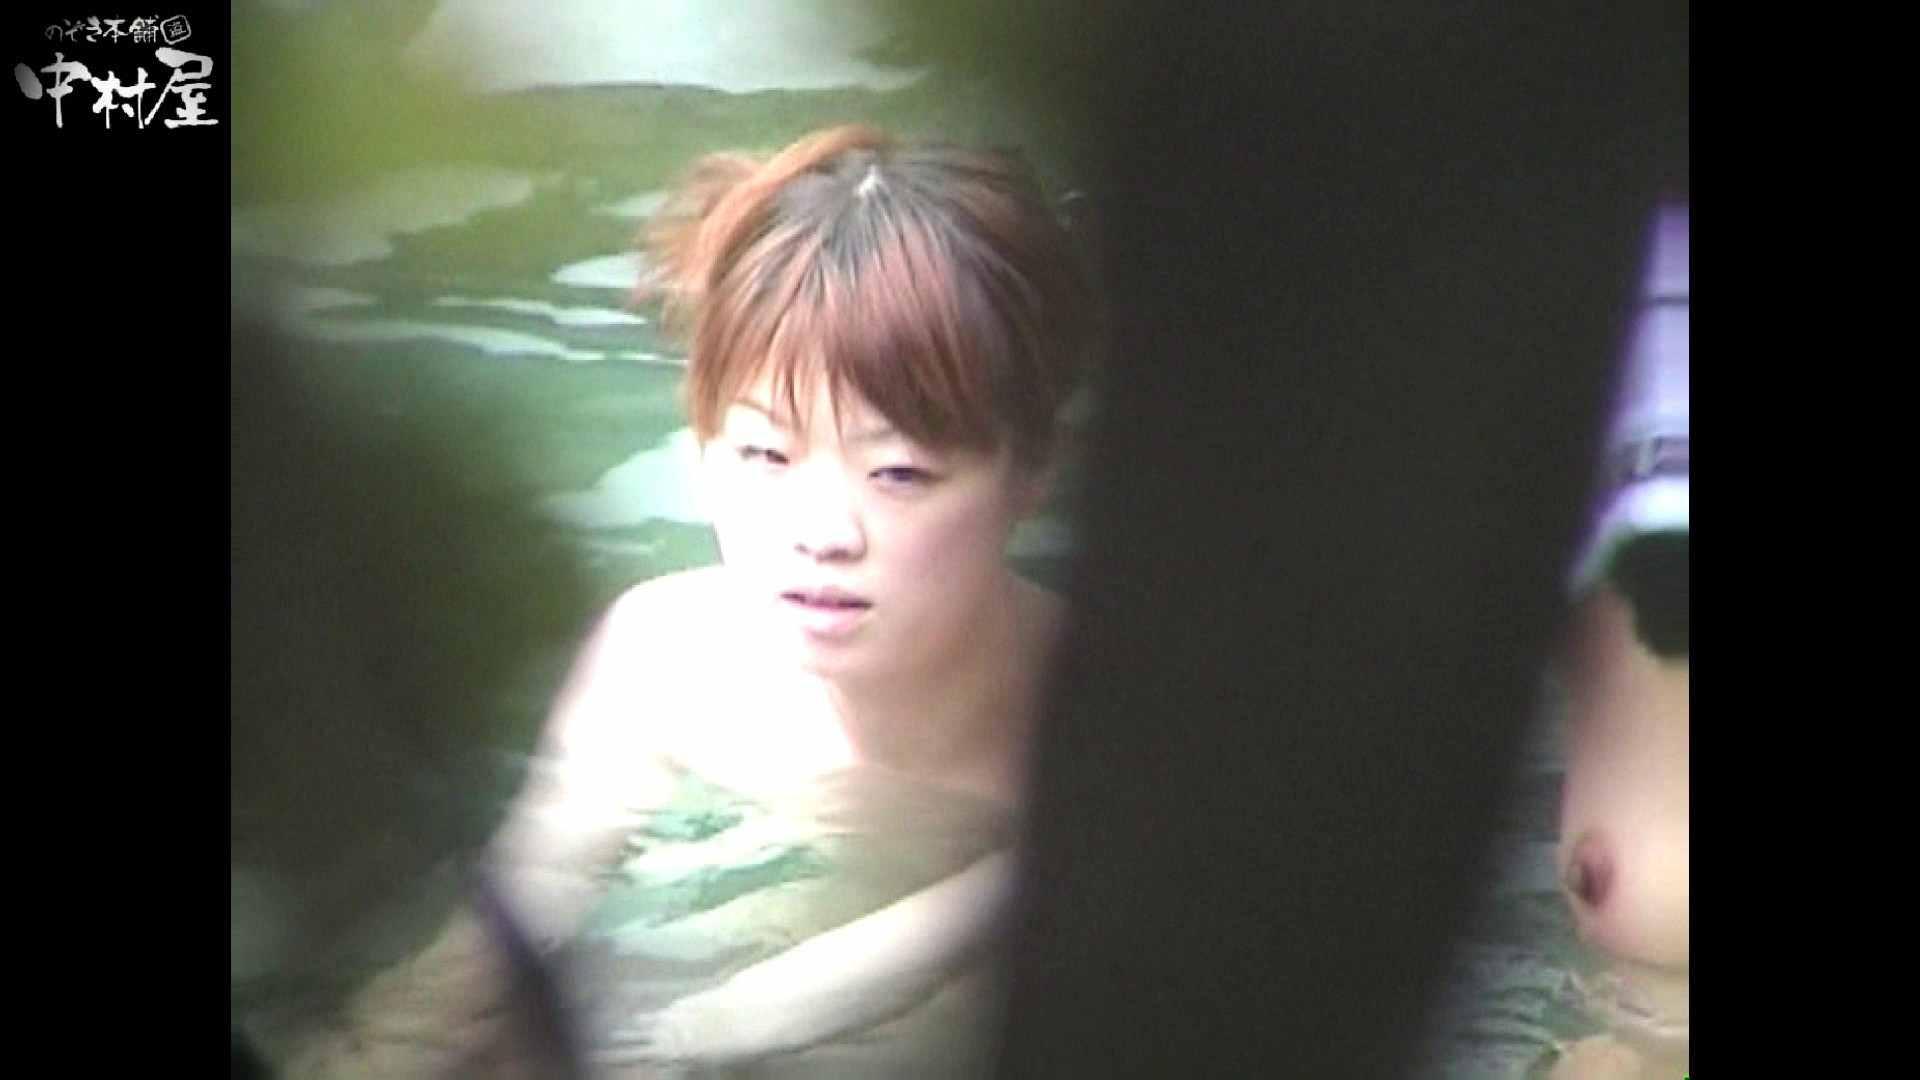 Aquaな露天風呂Vol.954 OLのエロ生活 | 盗撮  113連発 52